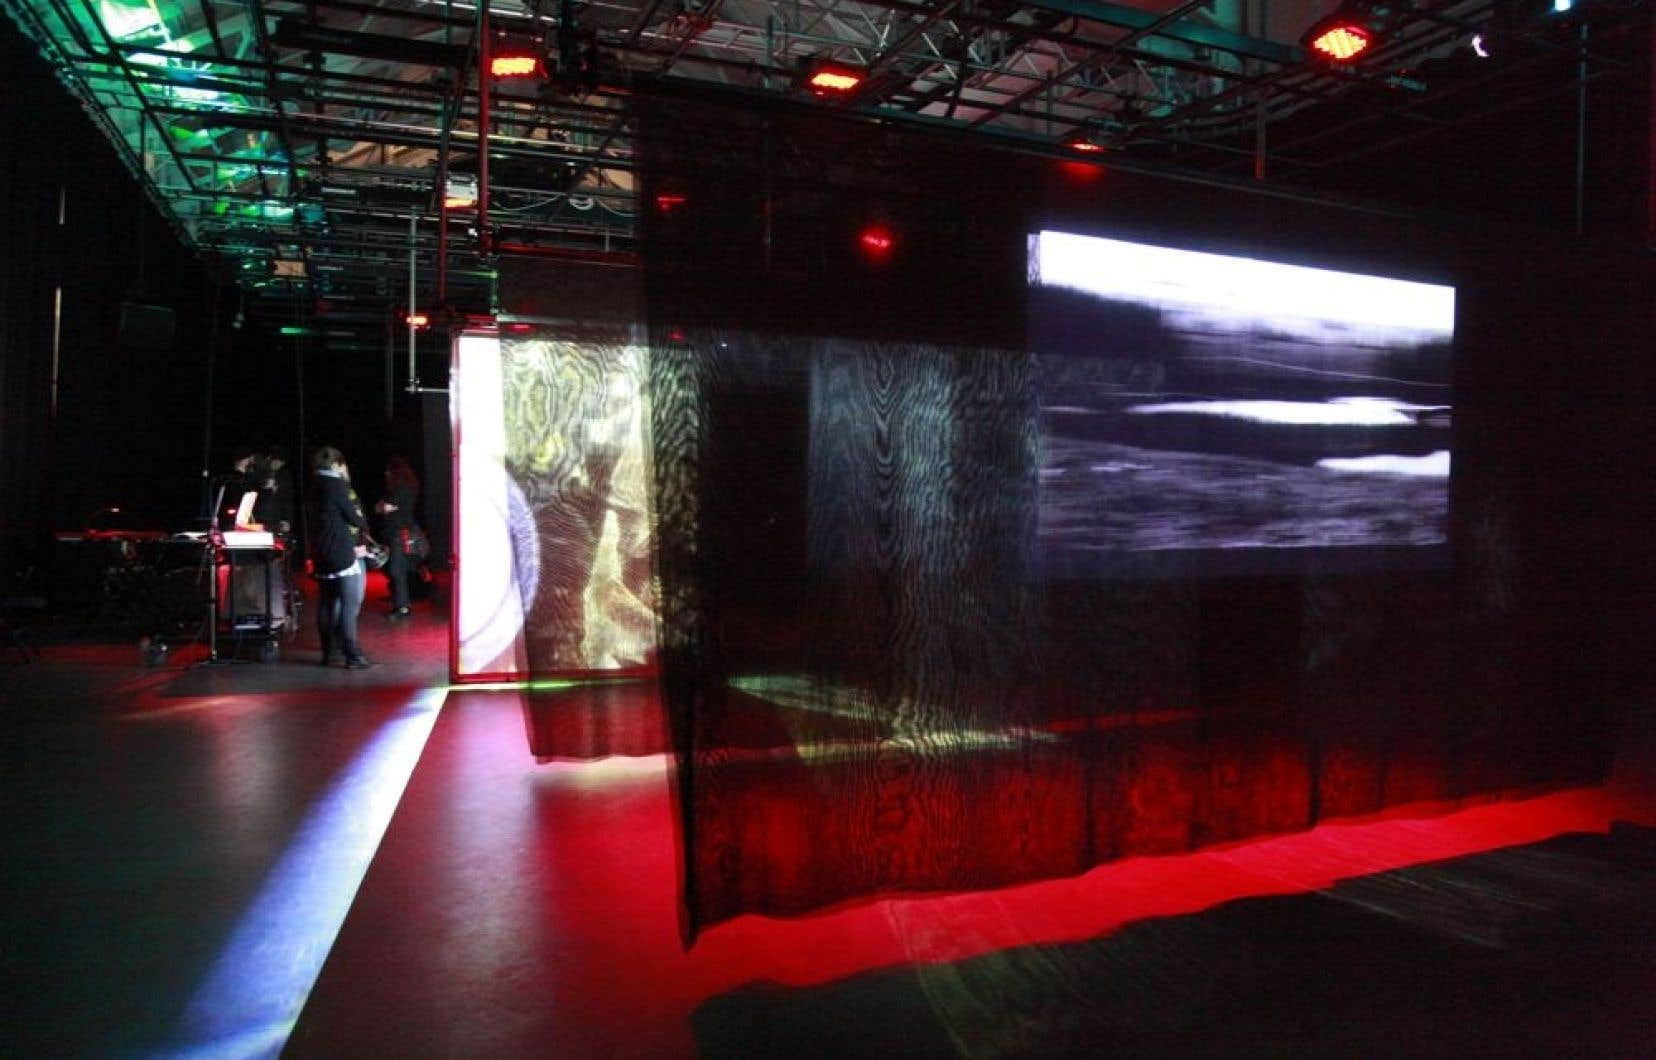 Ælab: Forces et milieux. Une installation performative de 2011 à l'Agora Hydro-Québec du Cœur des sciences de l'UQAM.